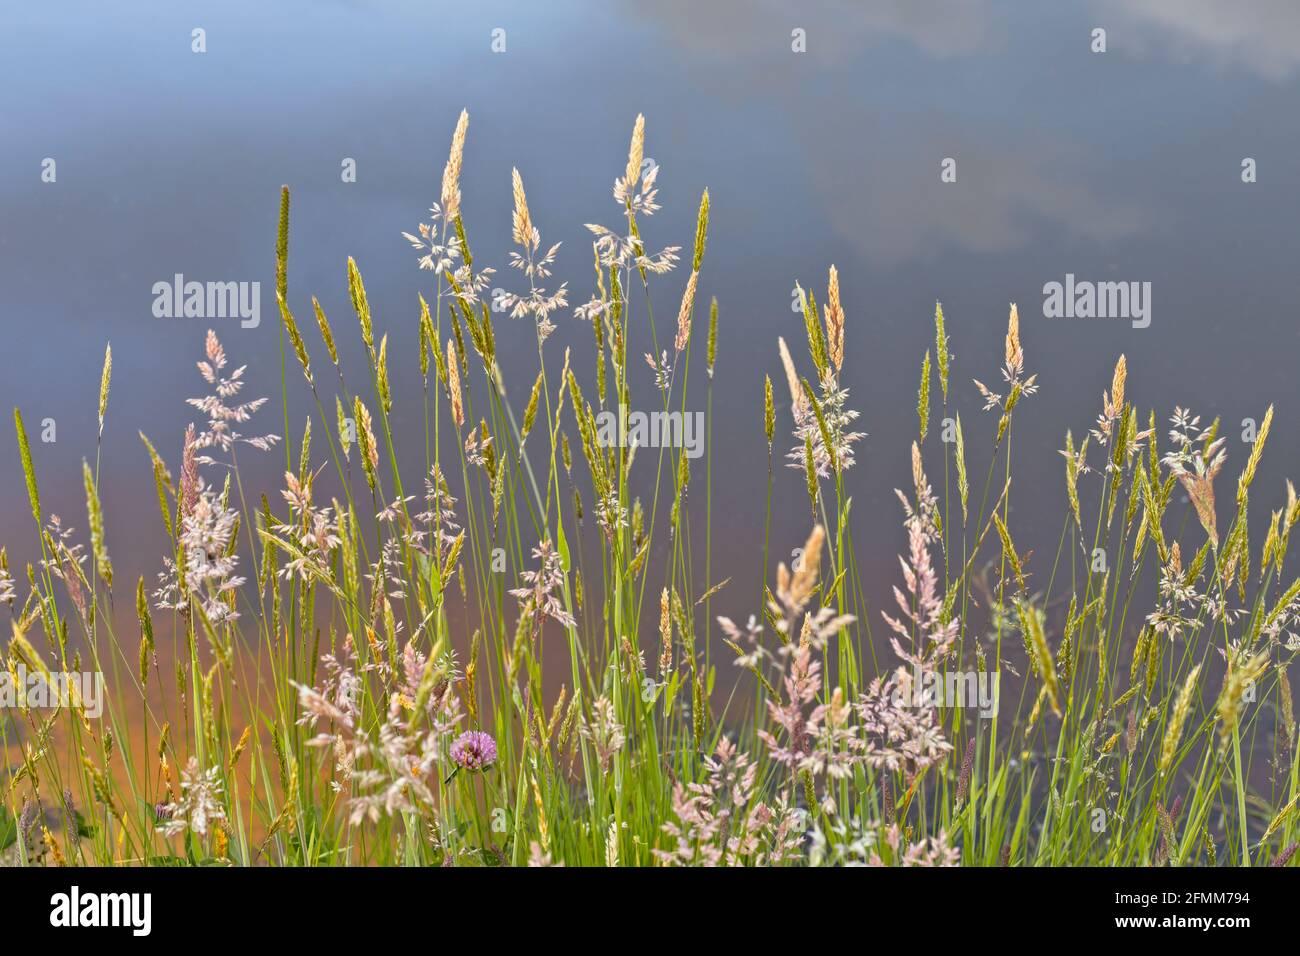 Erbe estive con teste di semi accanto a uno stagno con il cielo riflesso in acqua sullo sfondo. Foto Stock